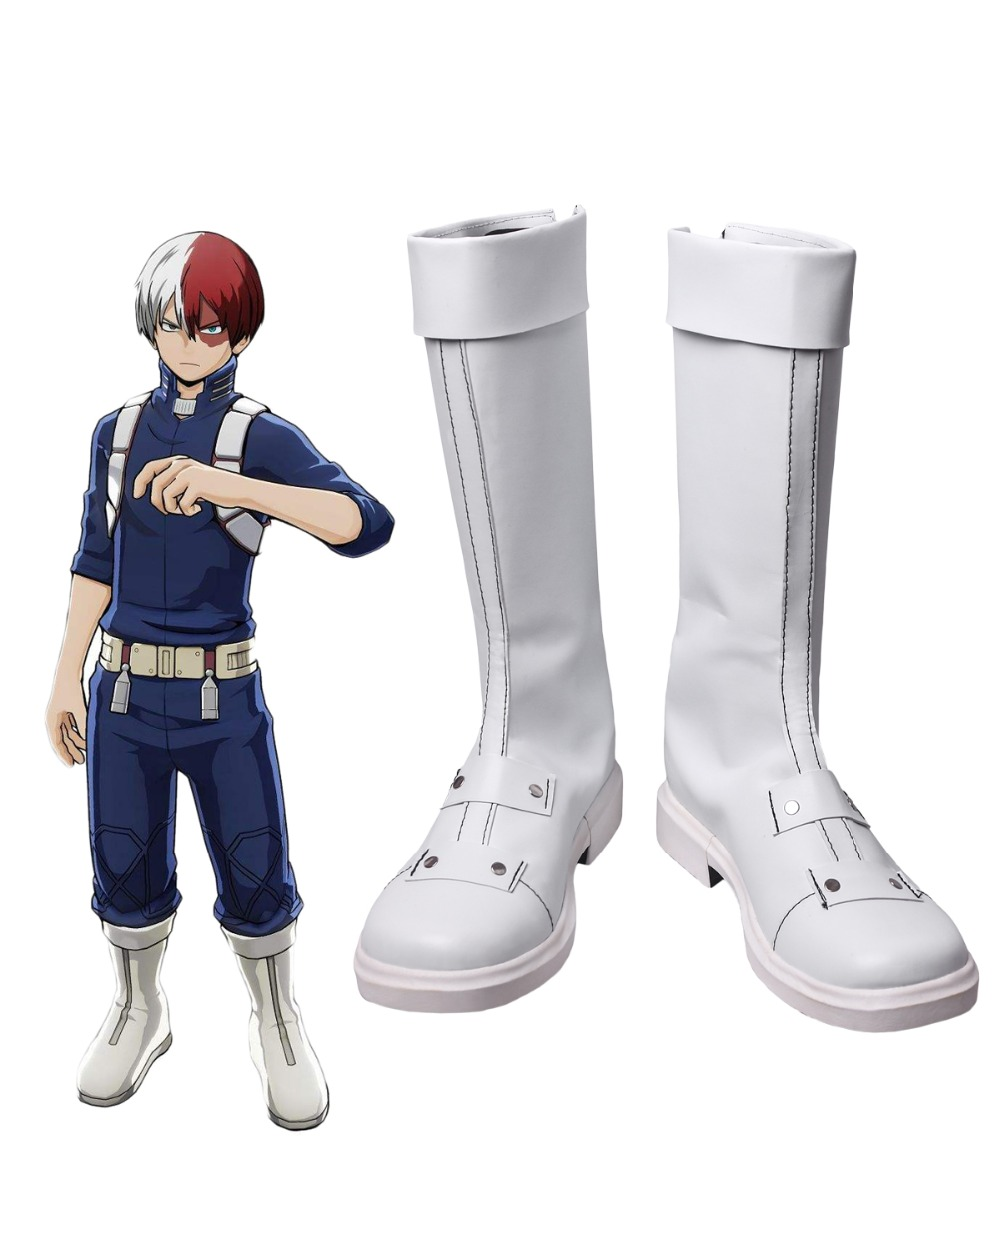 Boku no Hero Academia Shoto Todoroki Cosplay Boots Shoes My Hero Academia Cosplay Custom Made